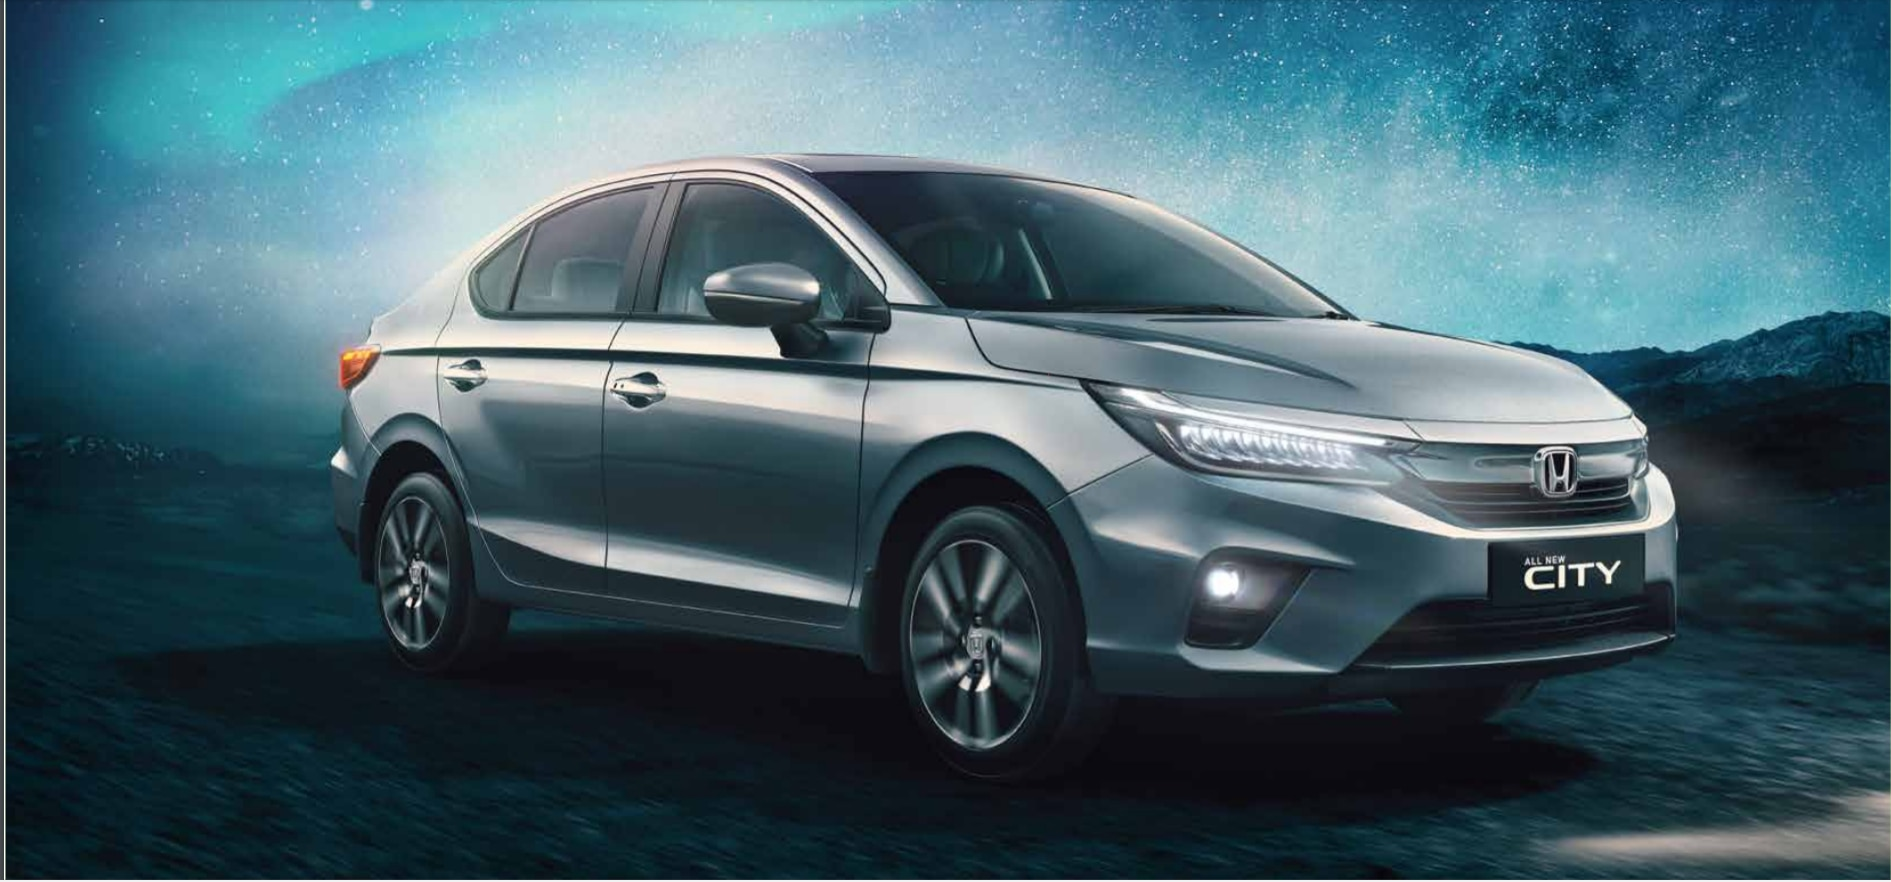 Honda City Generasi Kelima di India Berbeda Dengan Versi Thailand